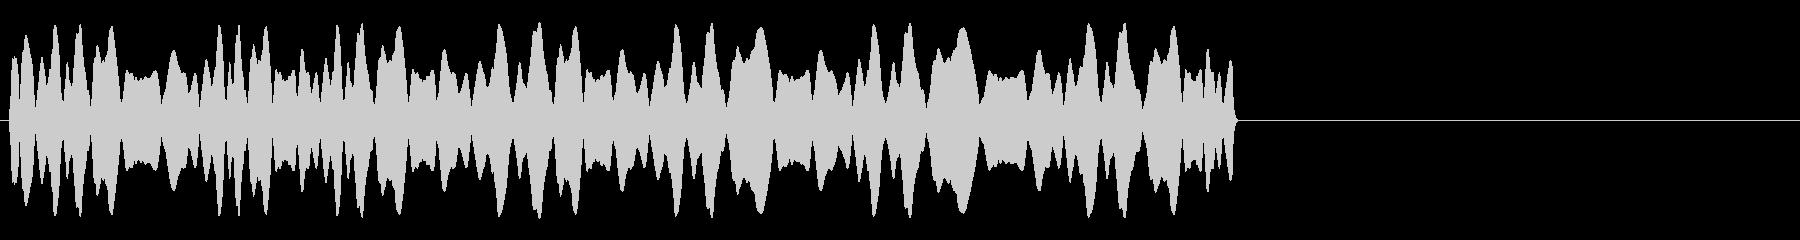 ファンキー、アセンディング&ディセ...の未再生の波形